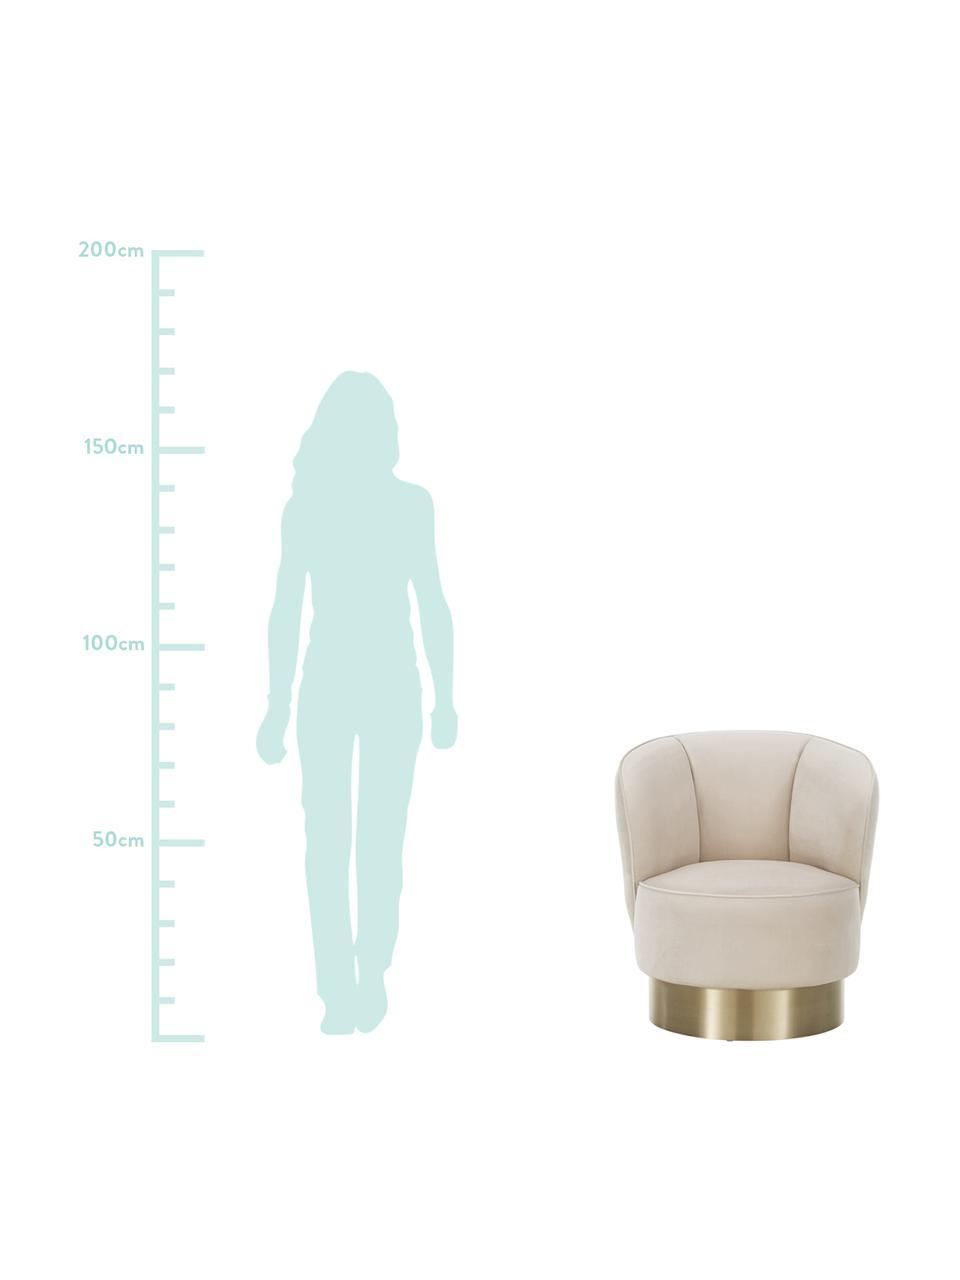 Samt-Cocktailsessel Olivia in Beige, Bezug: Samt (Polyester) Der hoch, Fuß: Metall, beschichtet, Samt Beige, 70 x 70 cm